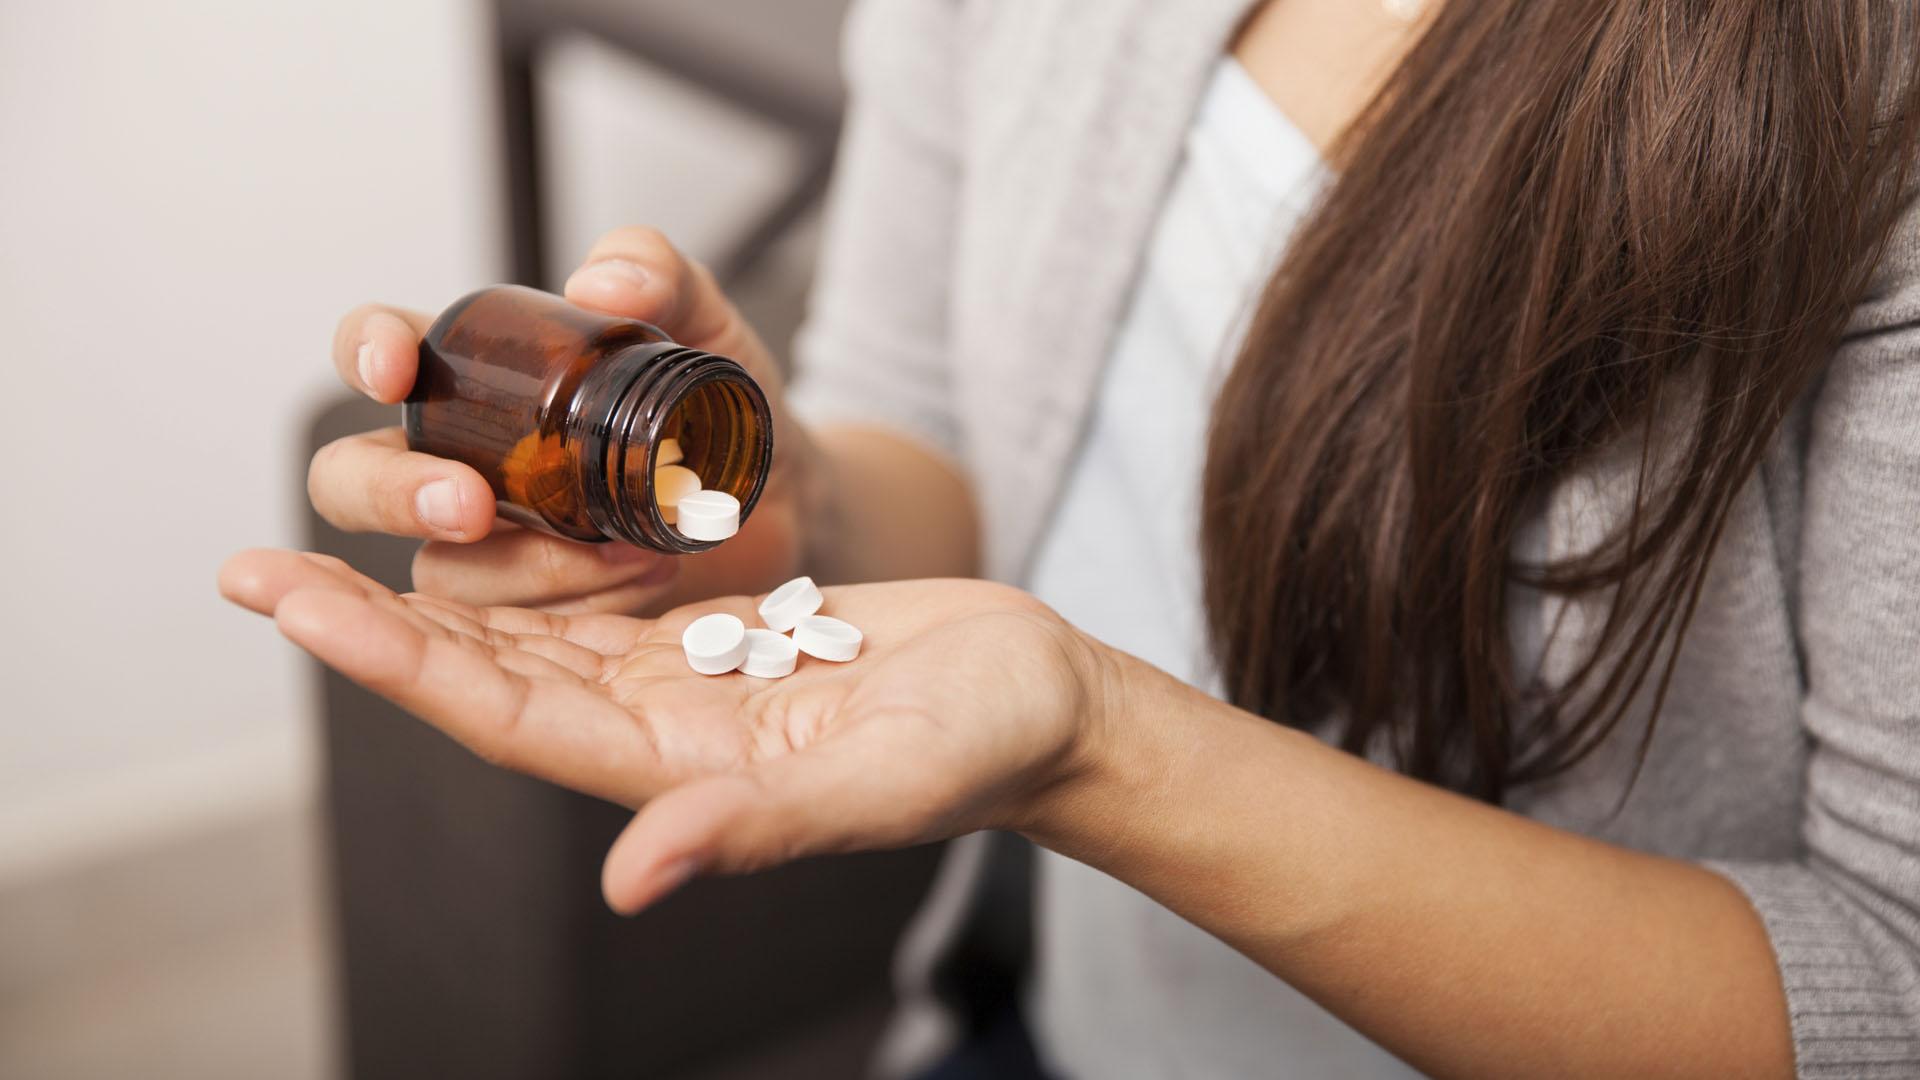 Especialistas afirman que el uso de pastillas para controlar el estrés y otros trastornos aumentó significativamente en la última década